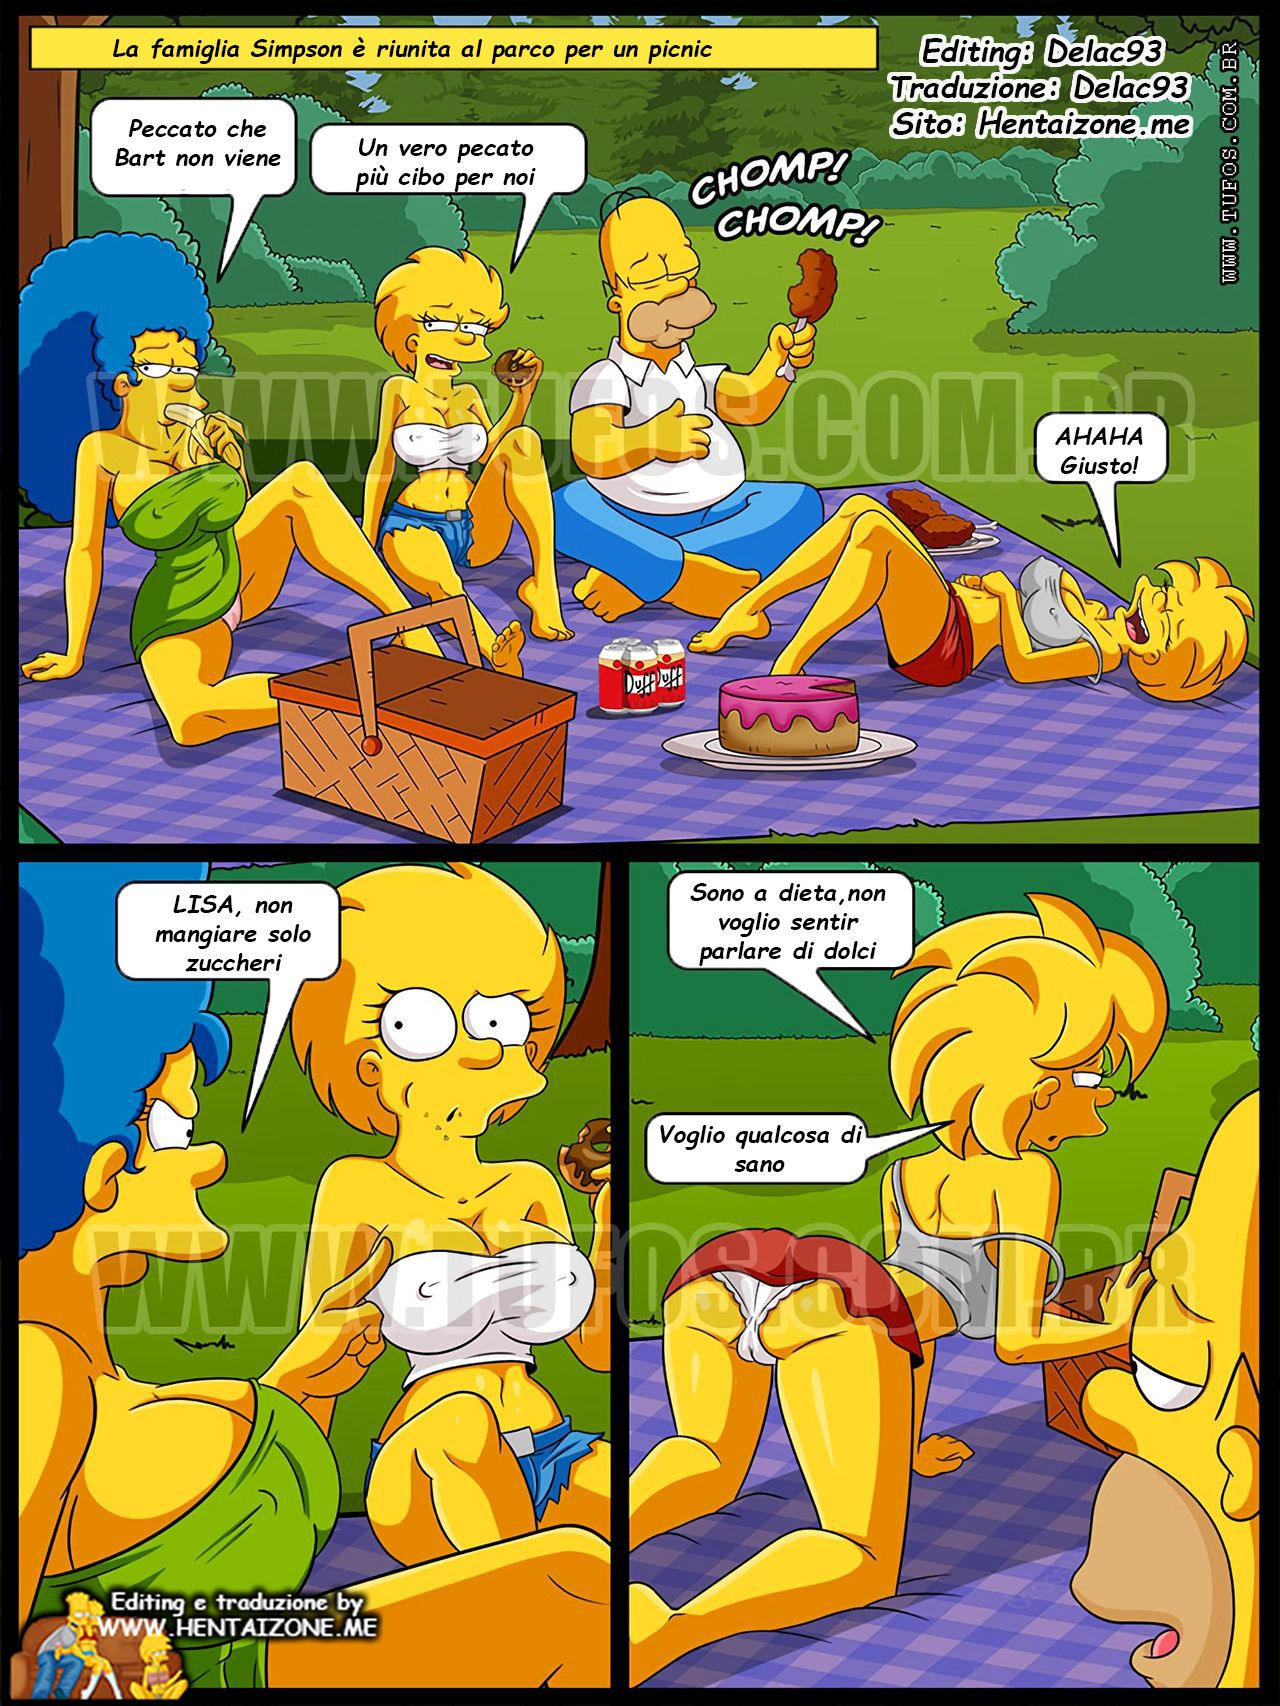 simpson picnic incesto porno marge lisa maggie hentai ita a colori